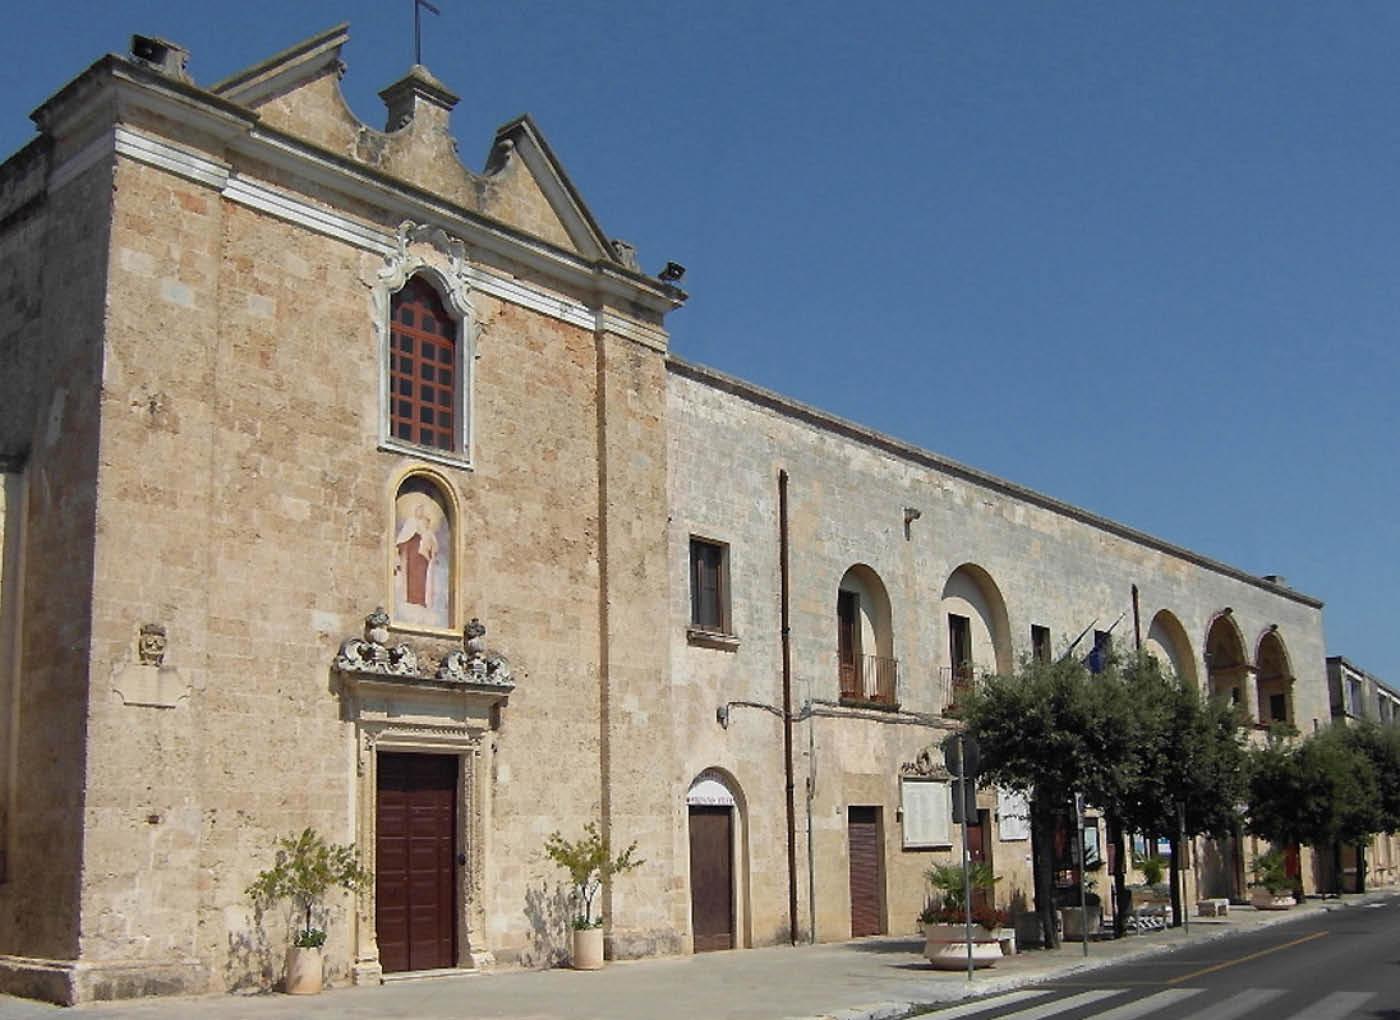 Restauro Dell'ex Convento Dei Padri Carmelitani A Presicce